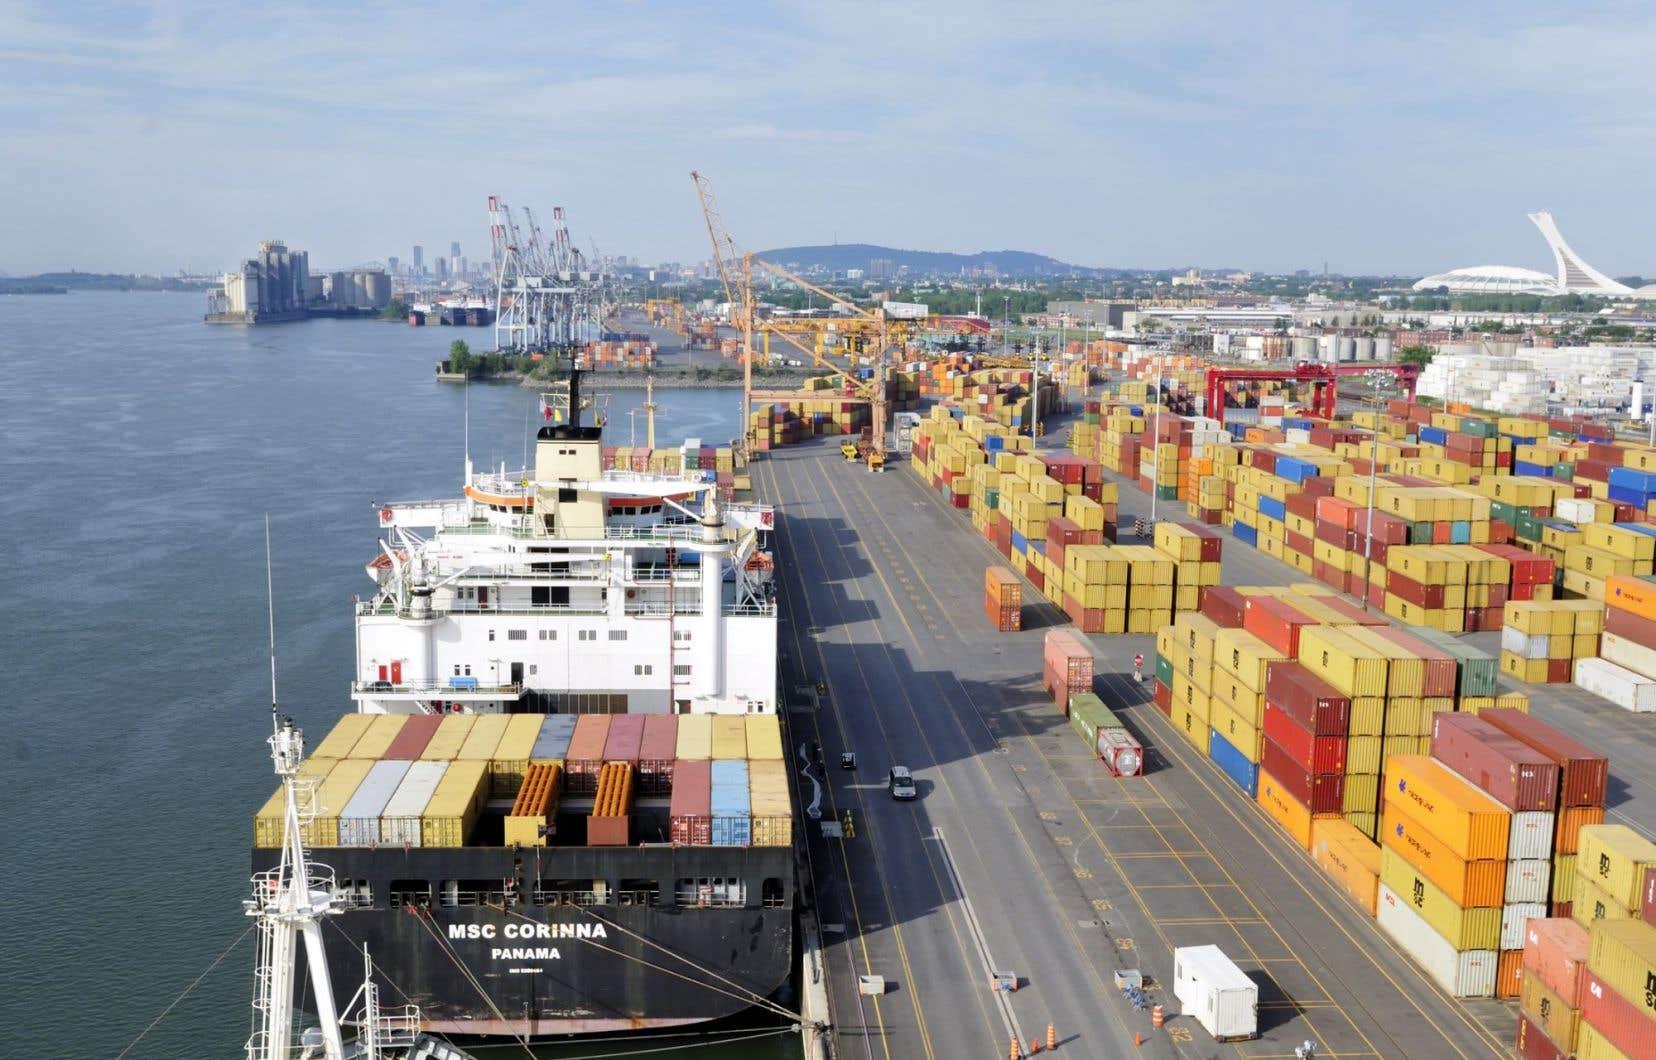 Le port de Montréal est considéré comme la plaque tournante du trafic de drogue et de véhicules volés au Canada au deuxième rang parmi les pires du pays, juste derrière Halifax.